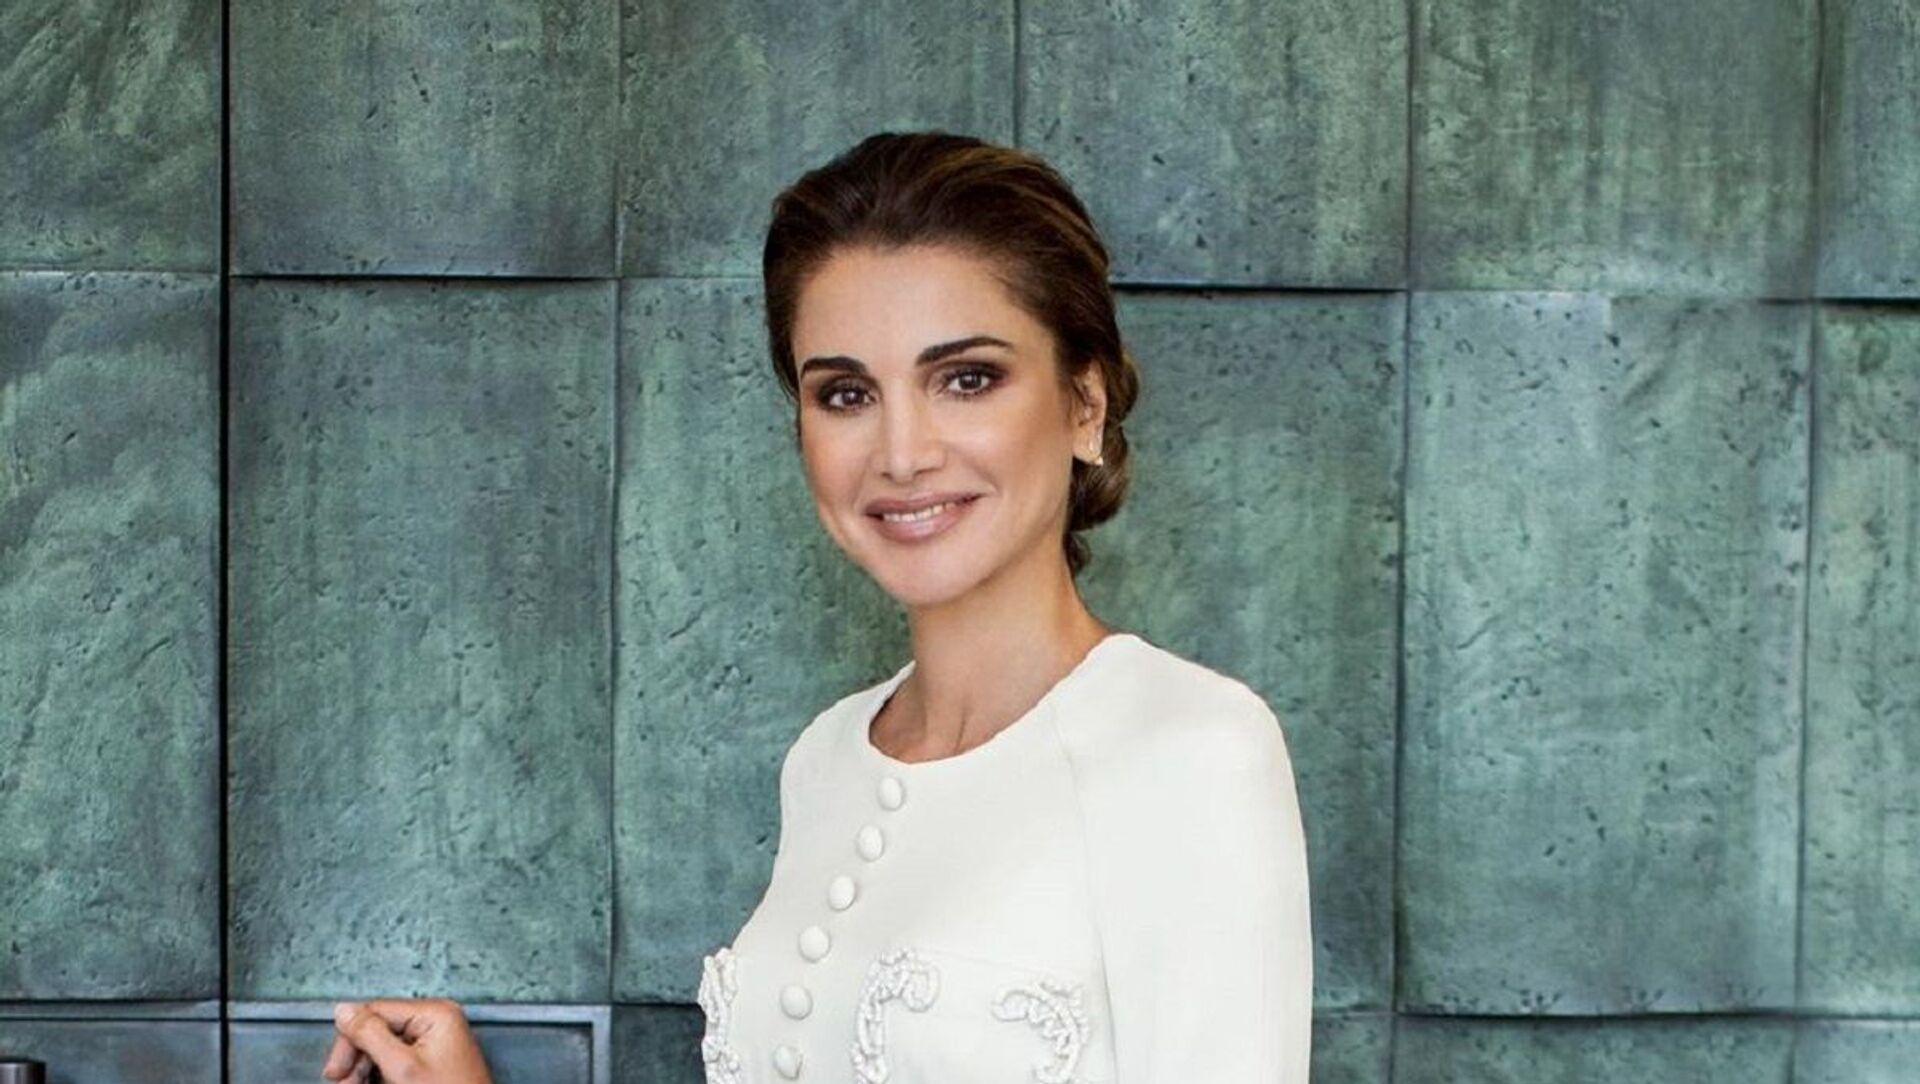 Rania, la reina de Jordania - Sputnik Mundo, 1920, 31.08.2020